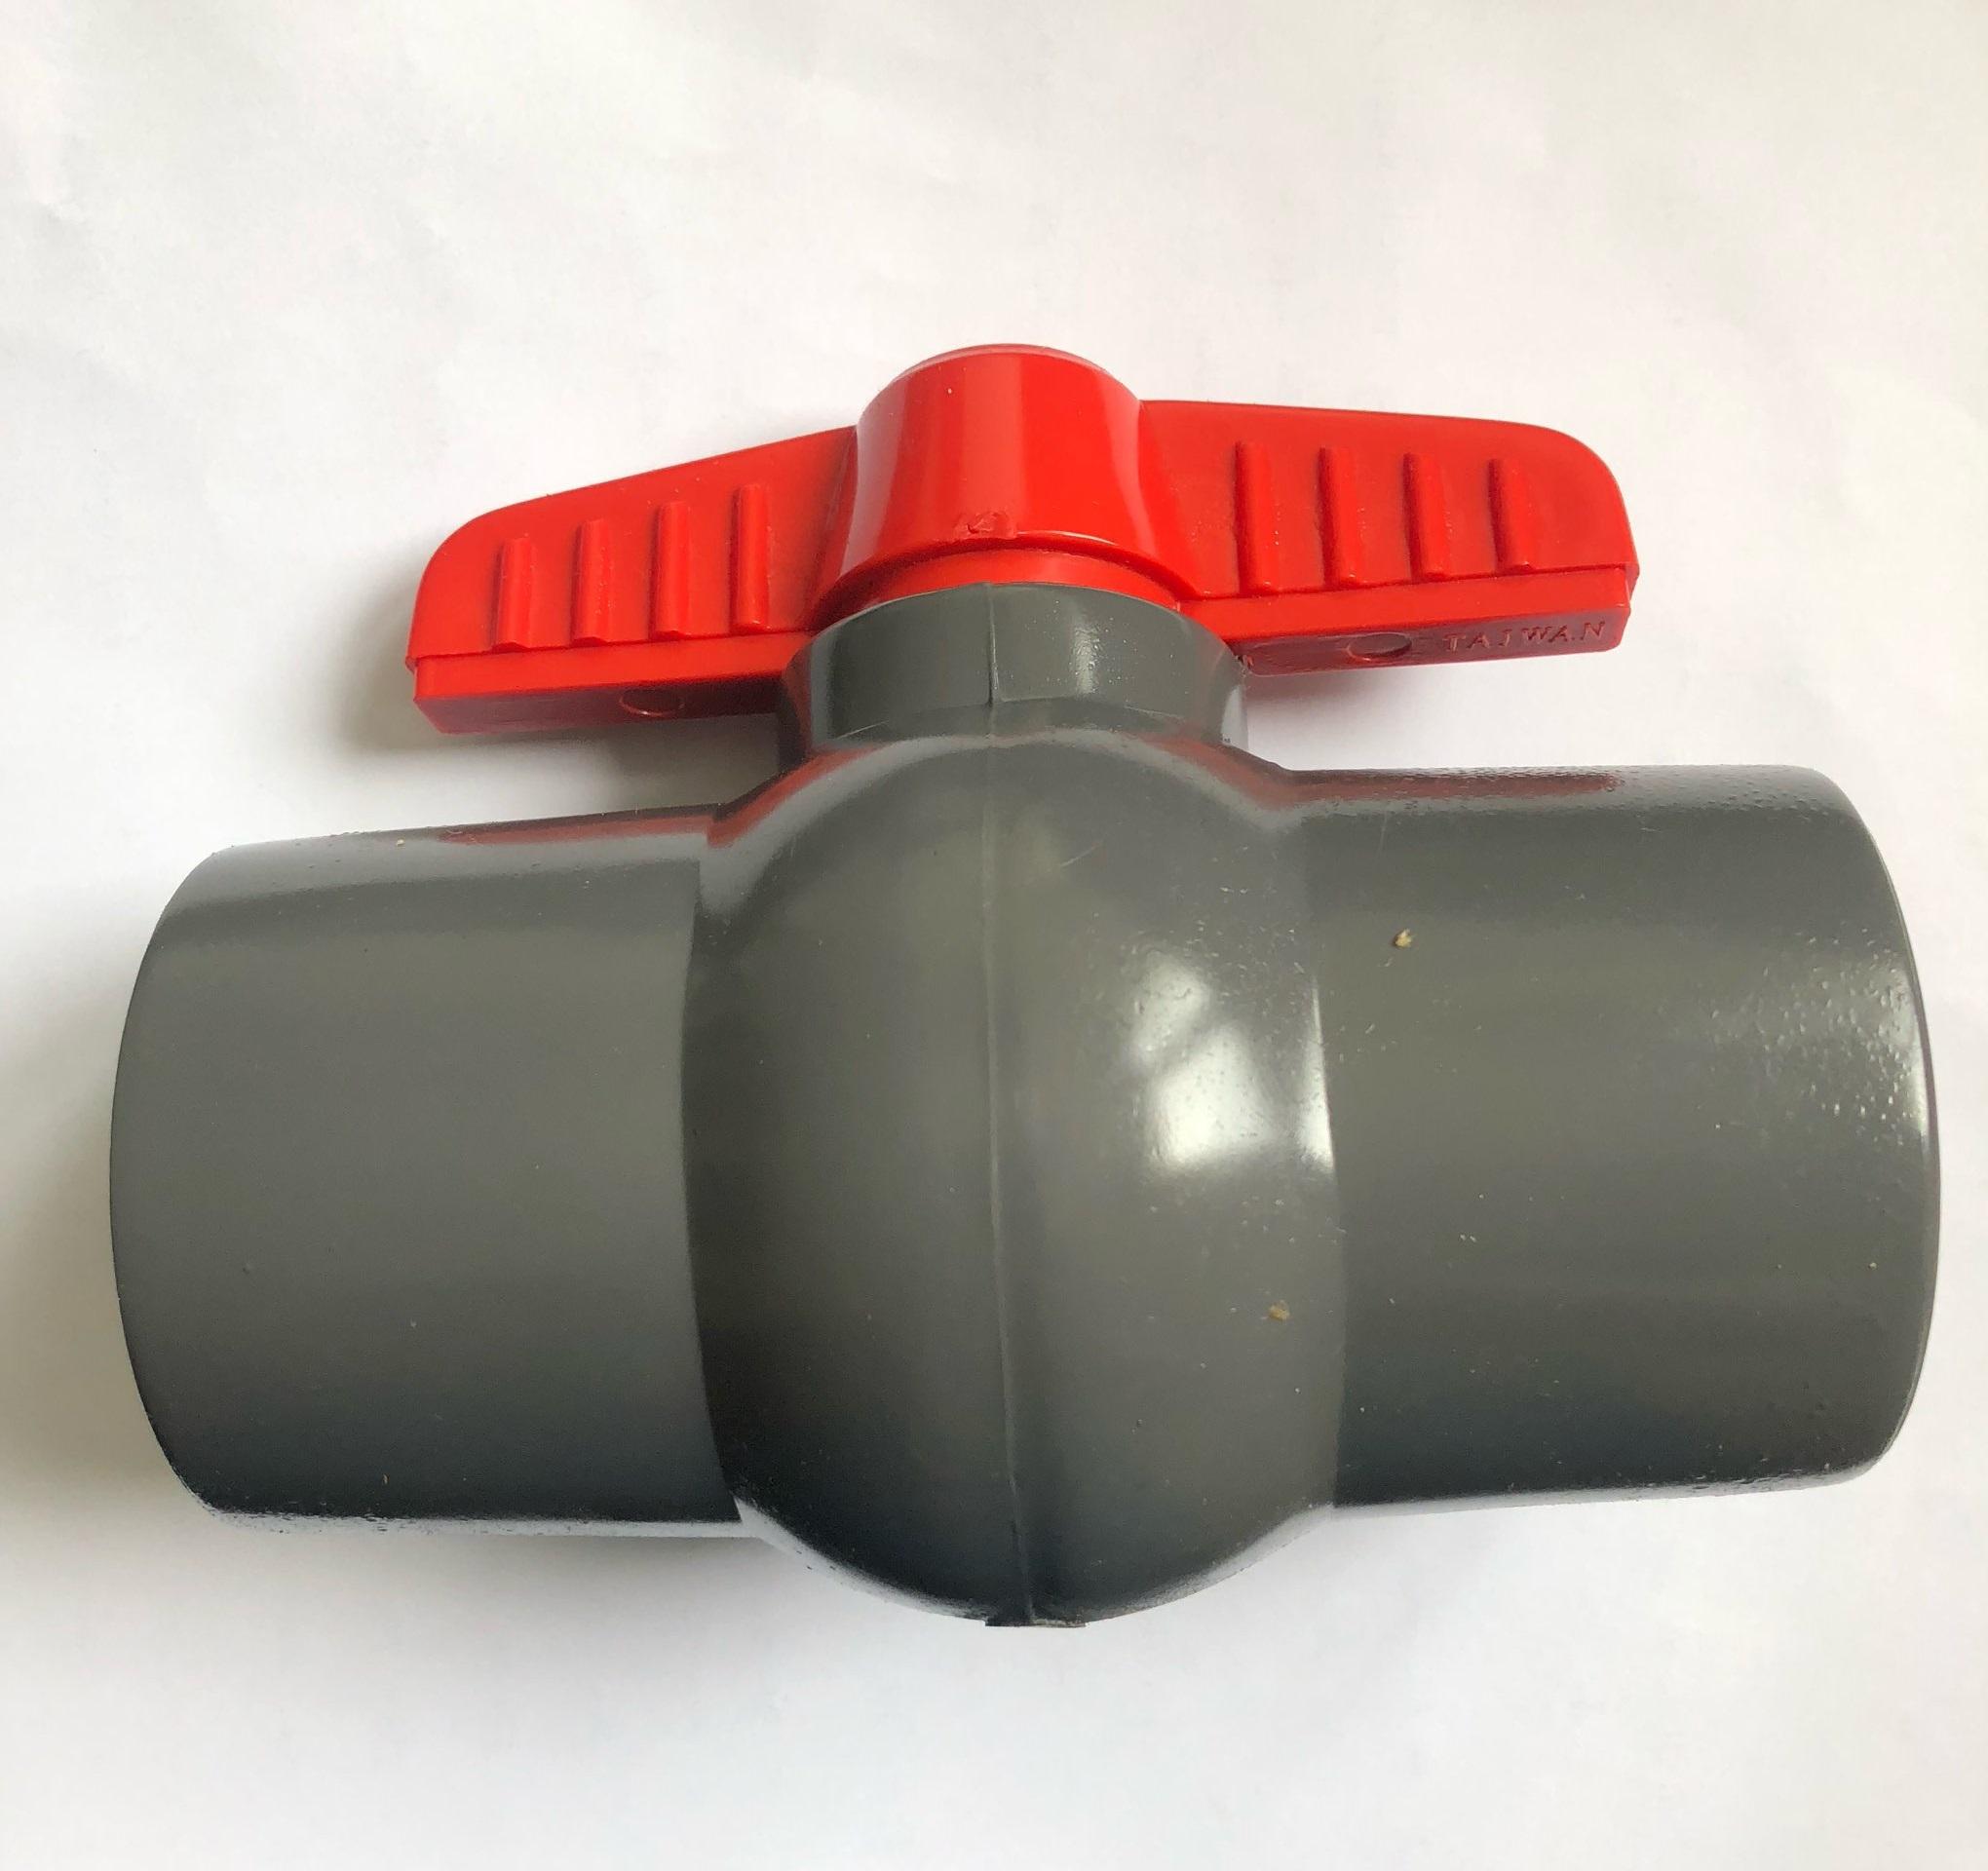 Van nhựa phi 49mm  TGCN-18554 CHIUTONG